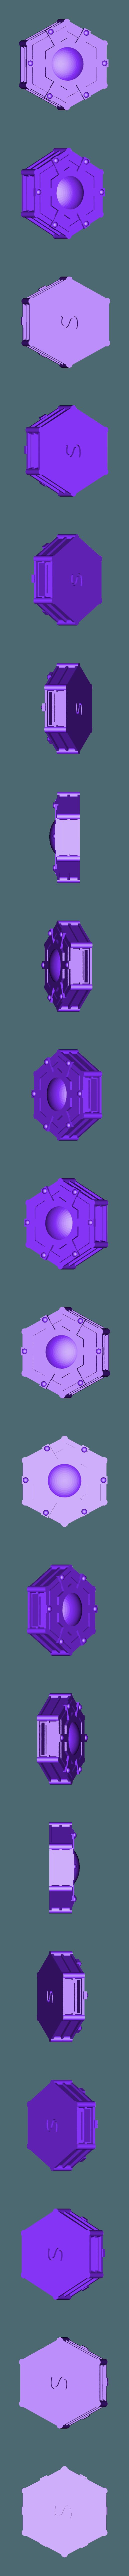 Station.stl Télécharger fichier STL gratuit Pièces de jeu de vaisseau spatial • Design pour impression 3D, Onyxia